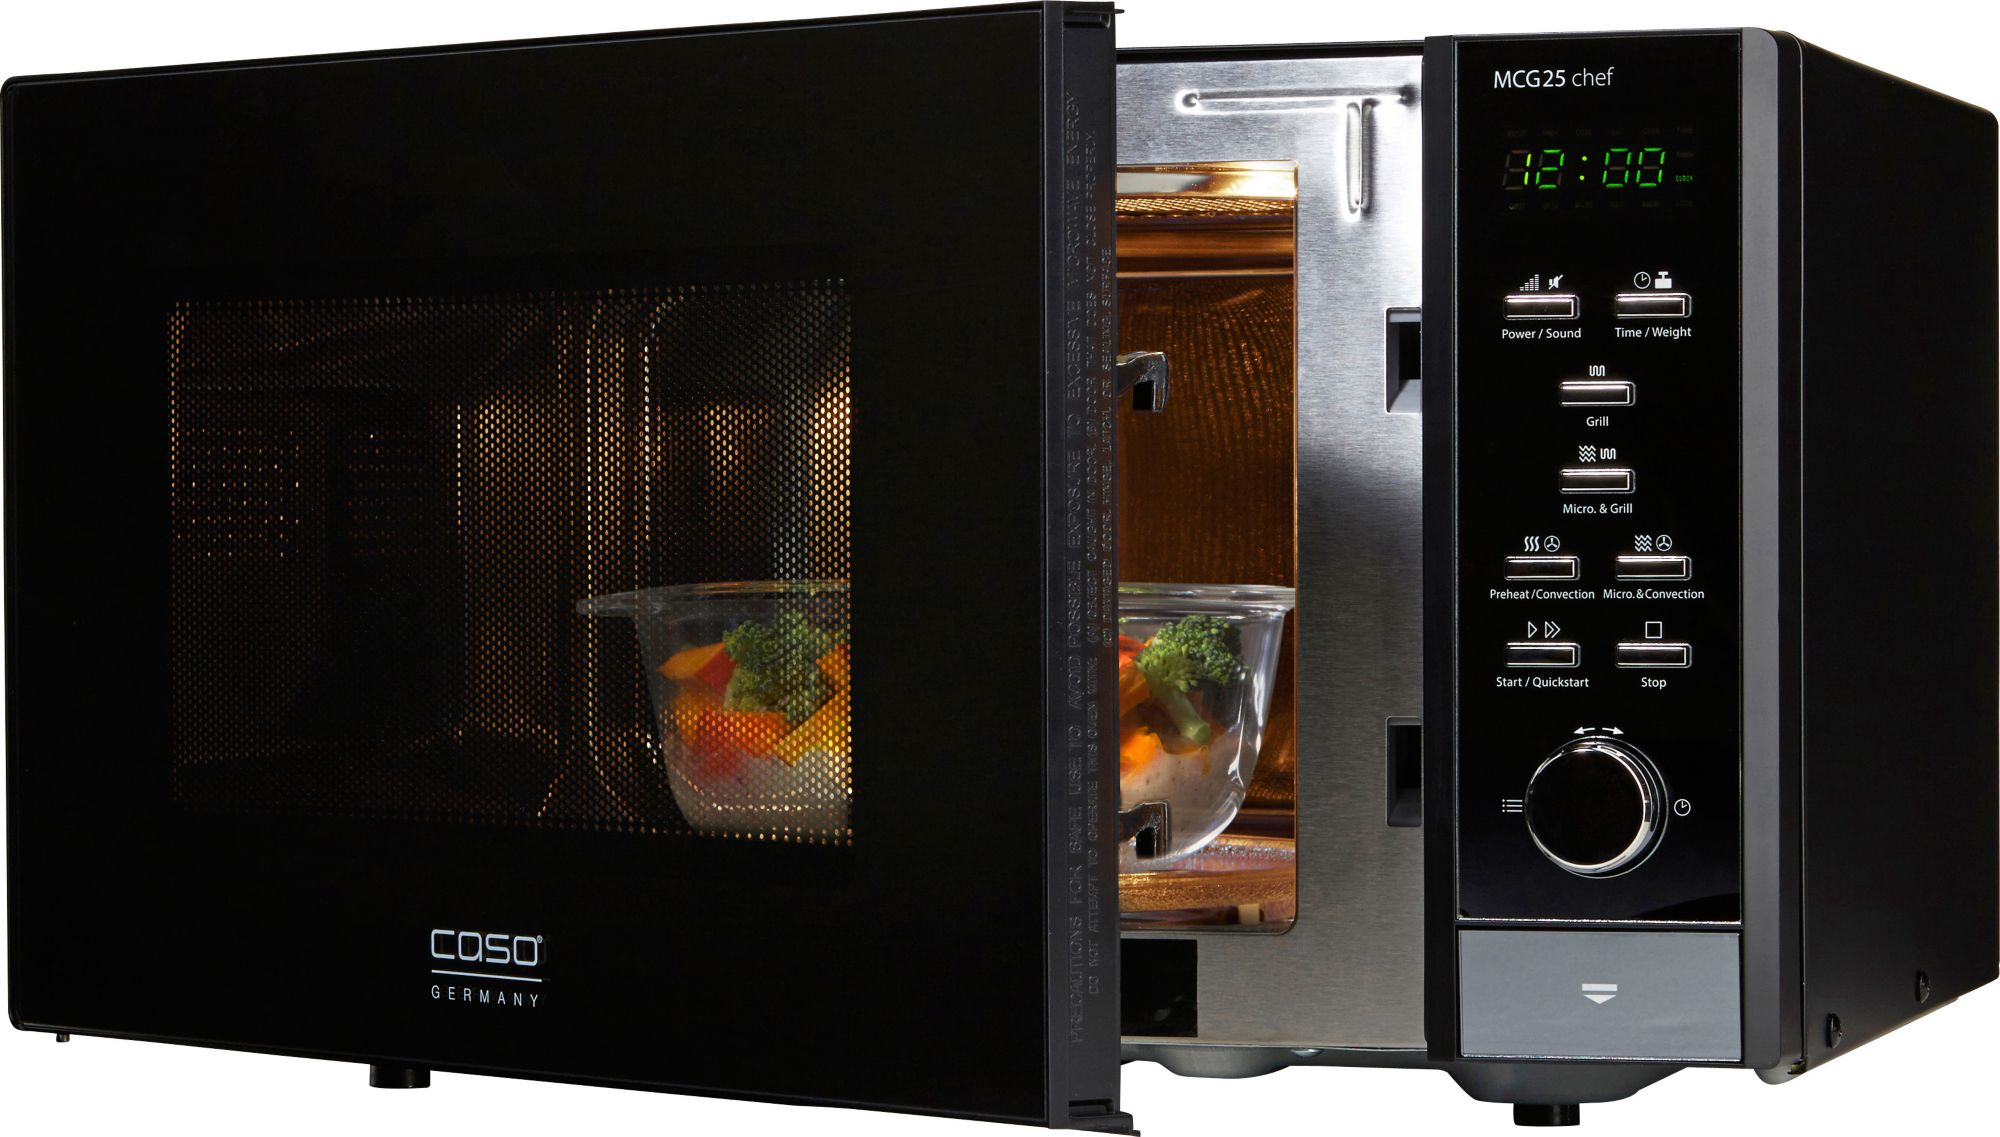 CASO DESIGN CASO Design Mikrowelle MCG25 Chef Black, mit Grill und Heißluft, 25 Liter Garraum, 900 Watt